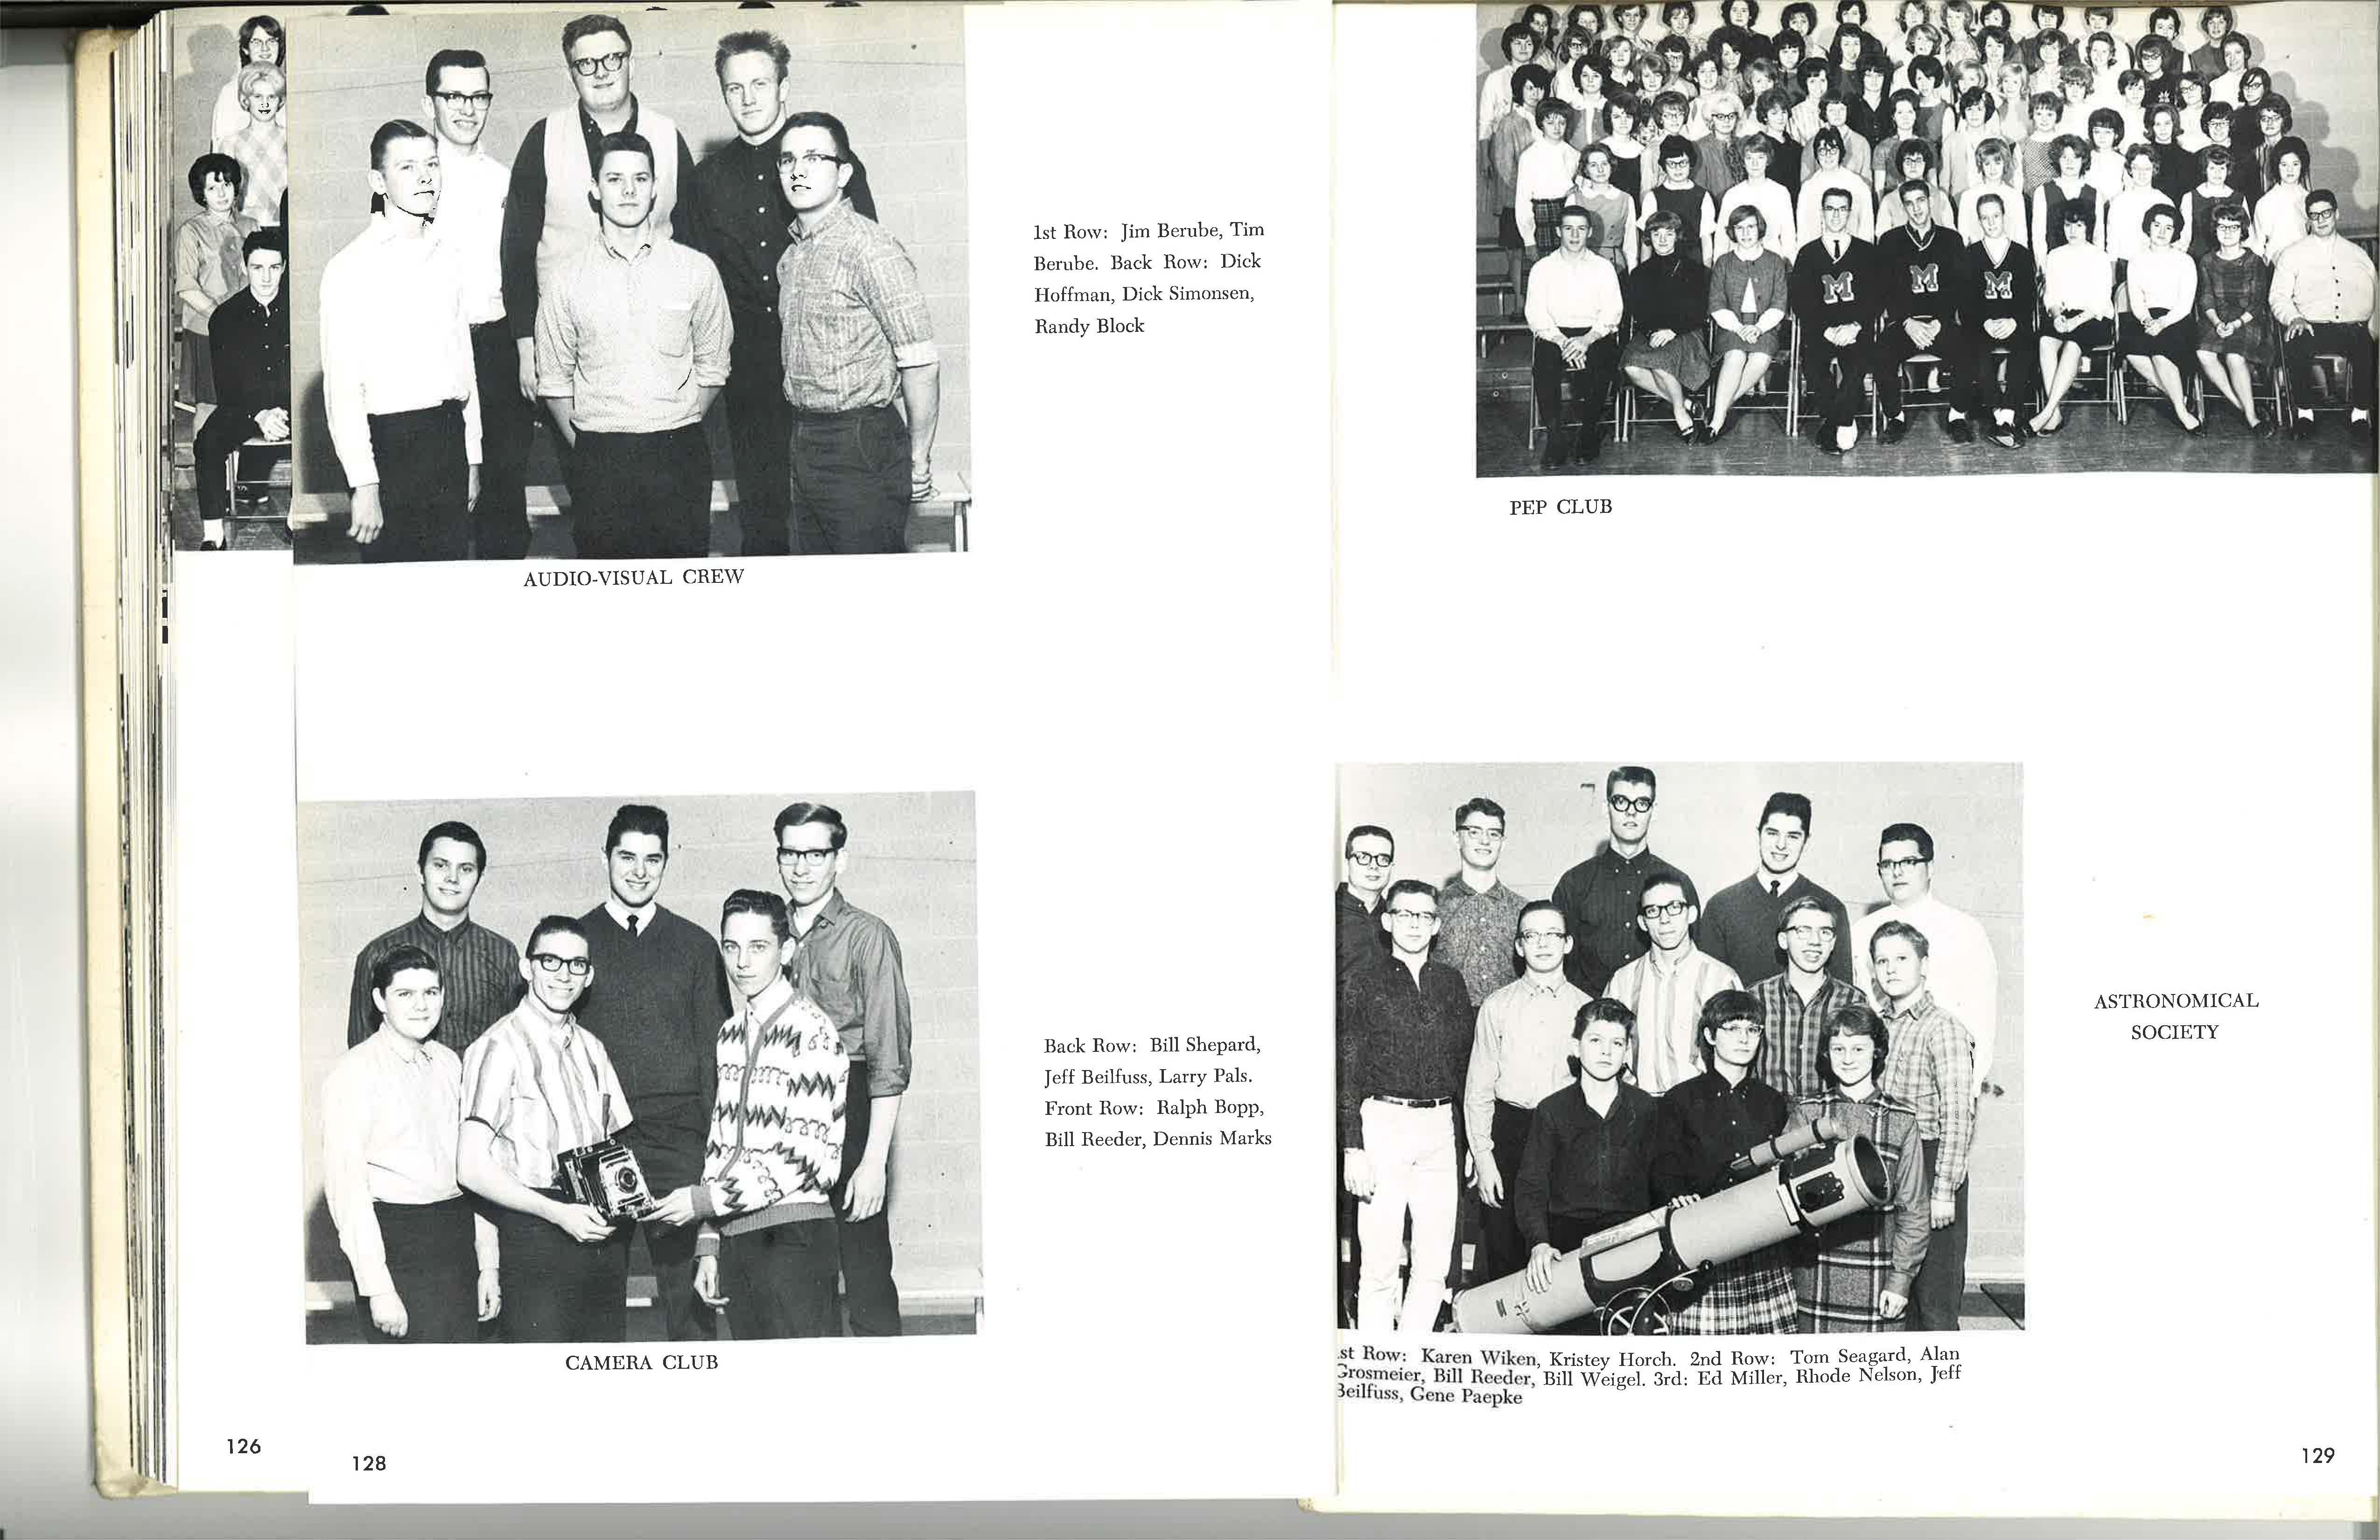 1964_Yearbook_Clubs_128-129.jpg